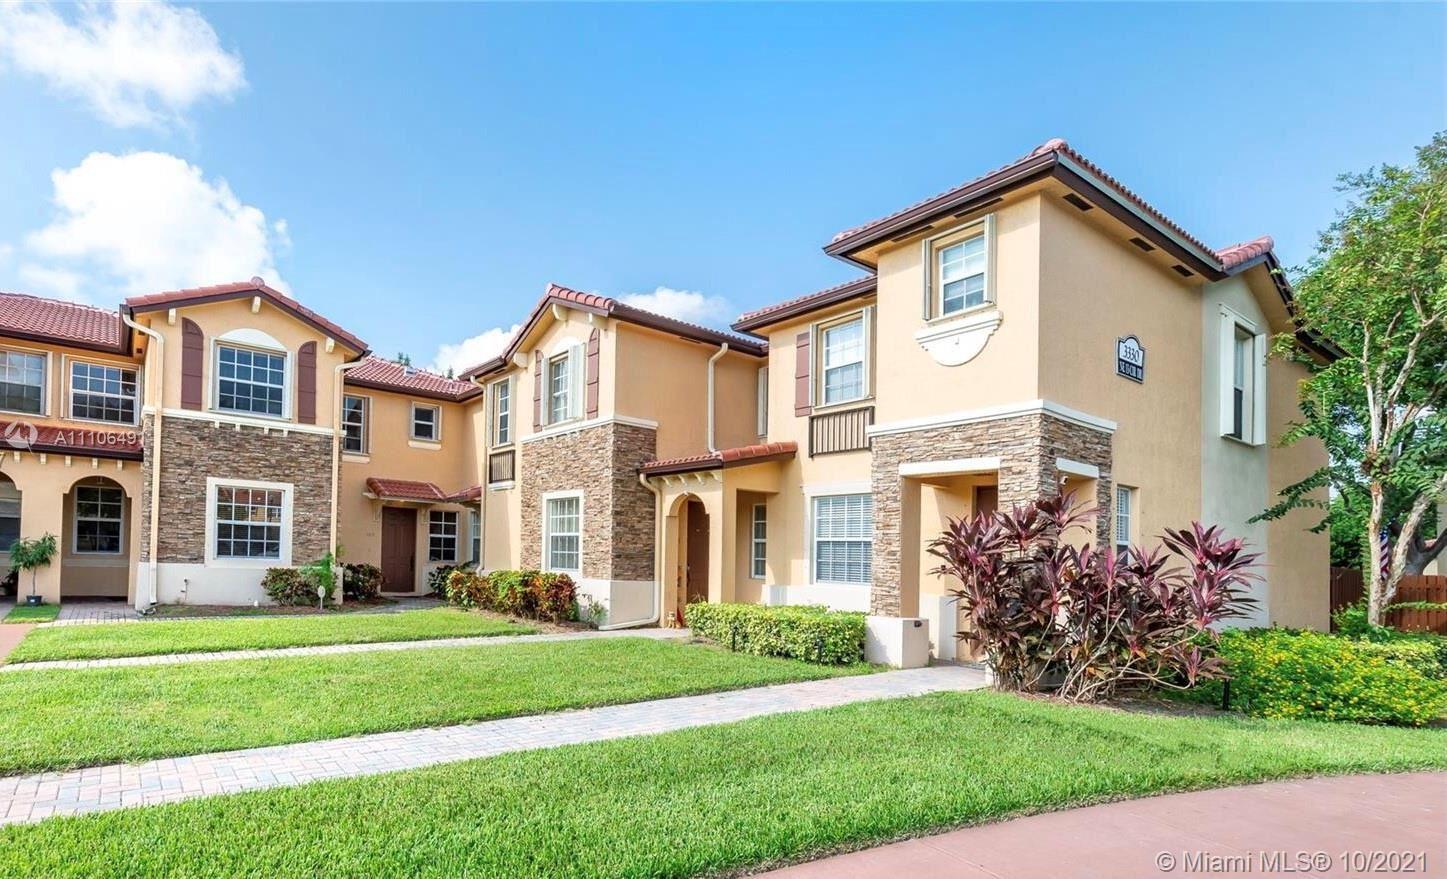 3330 NE 13th Circle Dr #109-22, Homestead, FL 33033 - #: A11106491